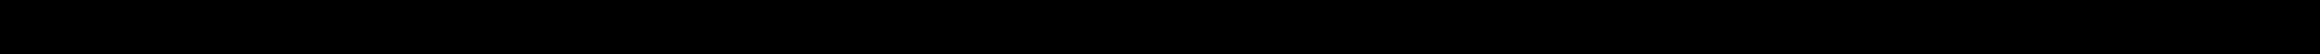 SKF VKJML 01001, VKJML 01002, VKN 400, VKN 402 Sada měchů, hnací hřídel